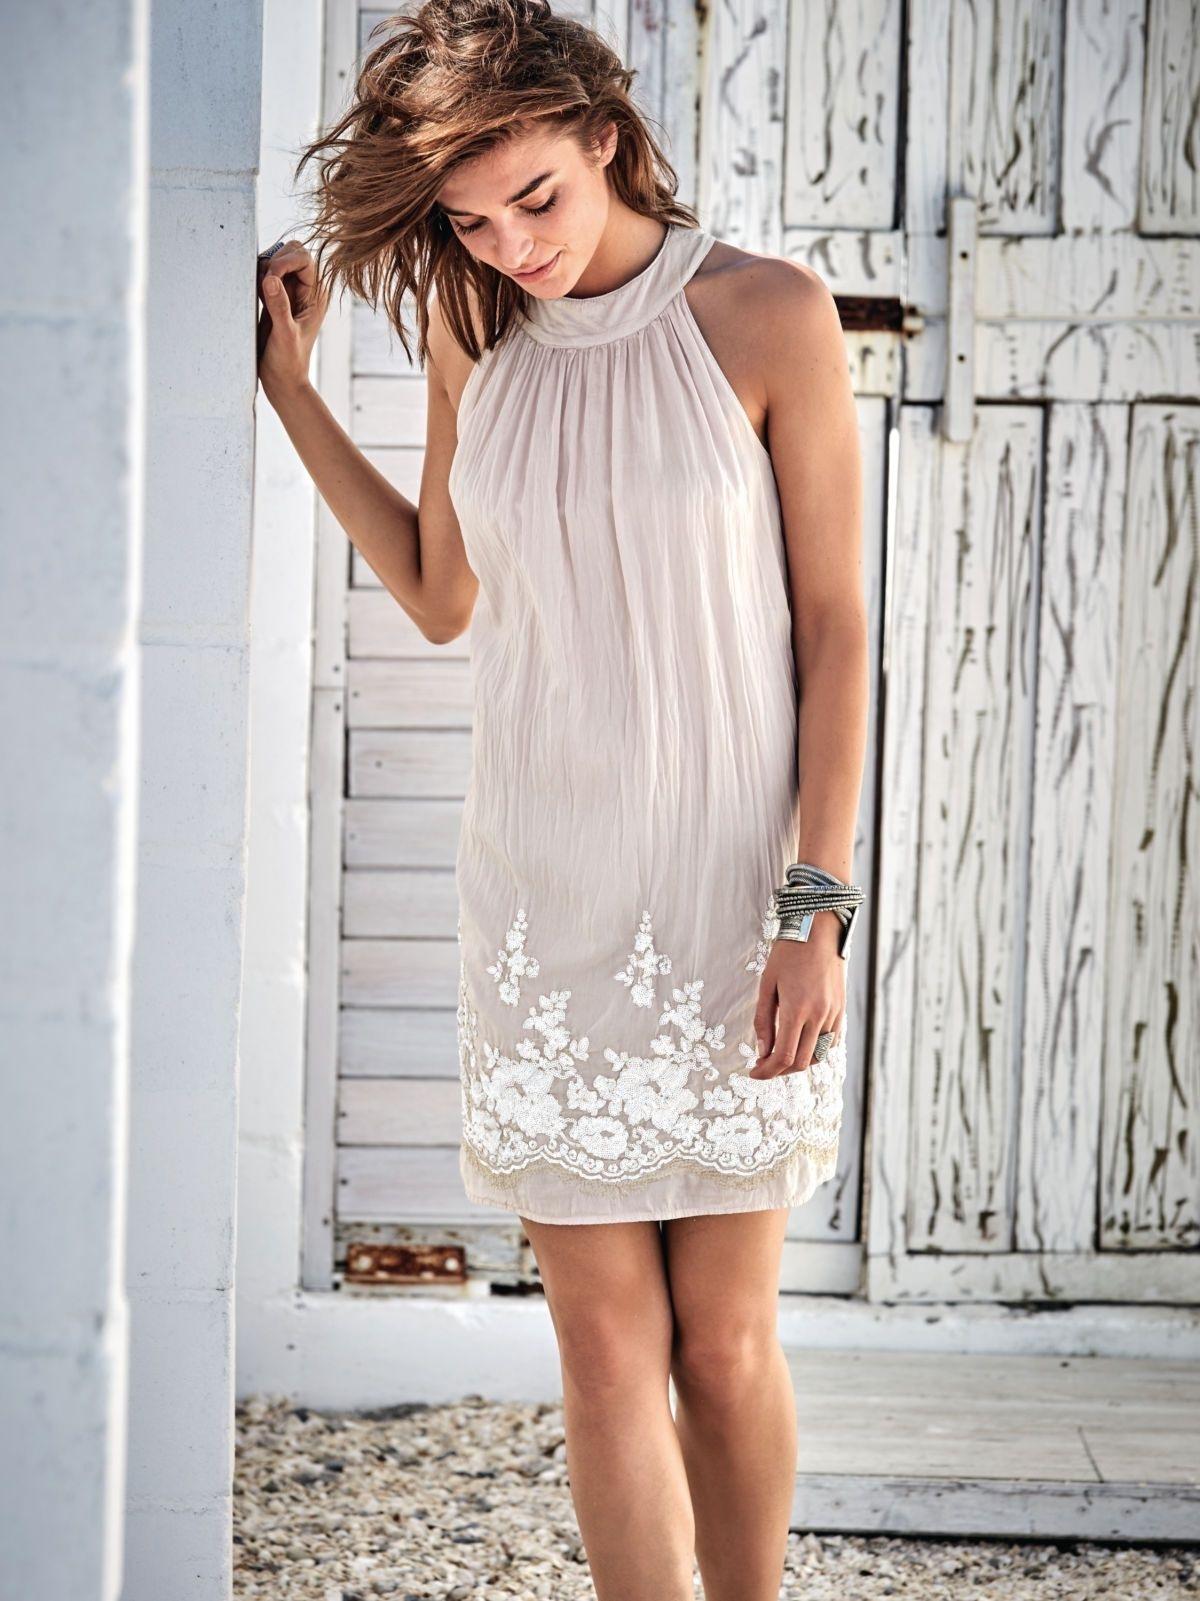 13 Luxus Tolles Kleid Für Hochzeit Galerie20 Leicht Tolles Kleid Für Hochzeit für 2019